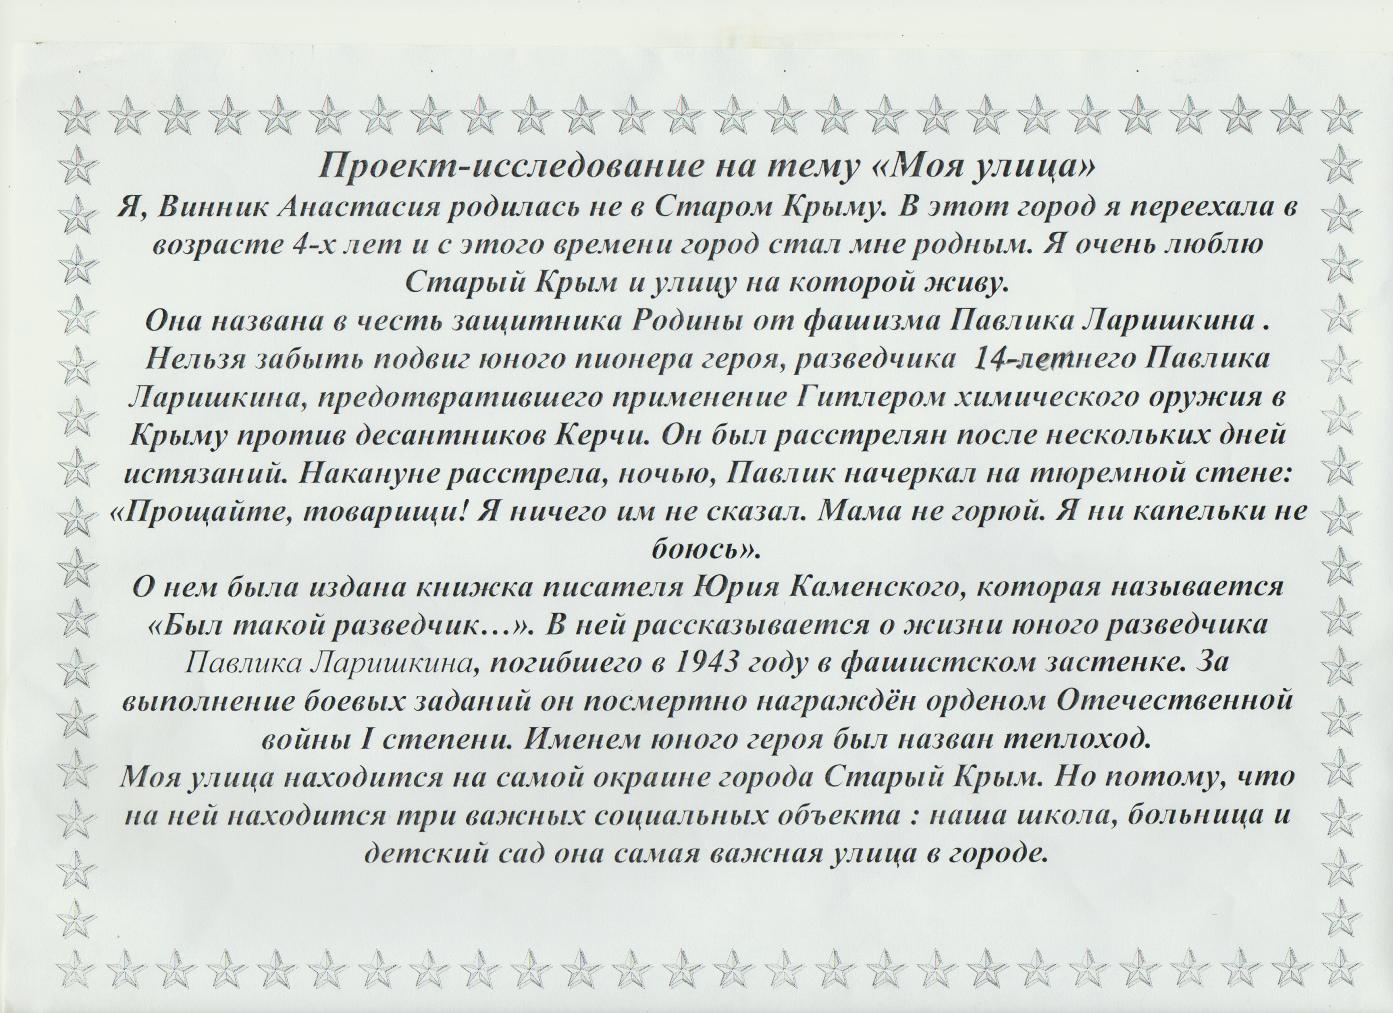 F:\конкурс рисунков Таня\img028.bmp